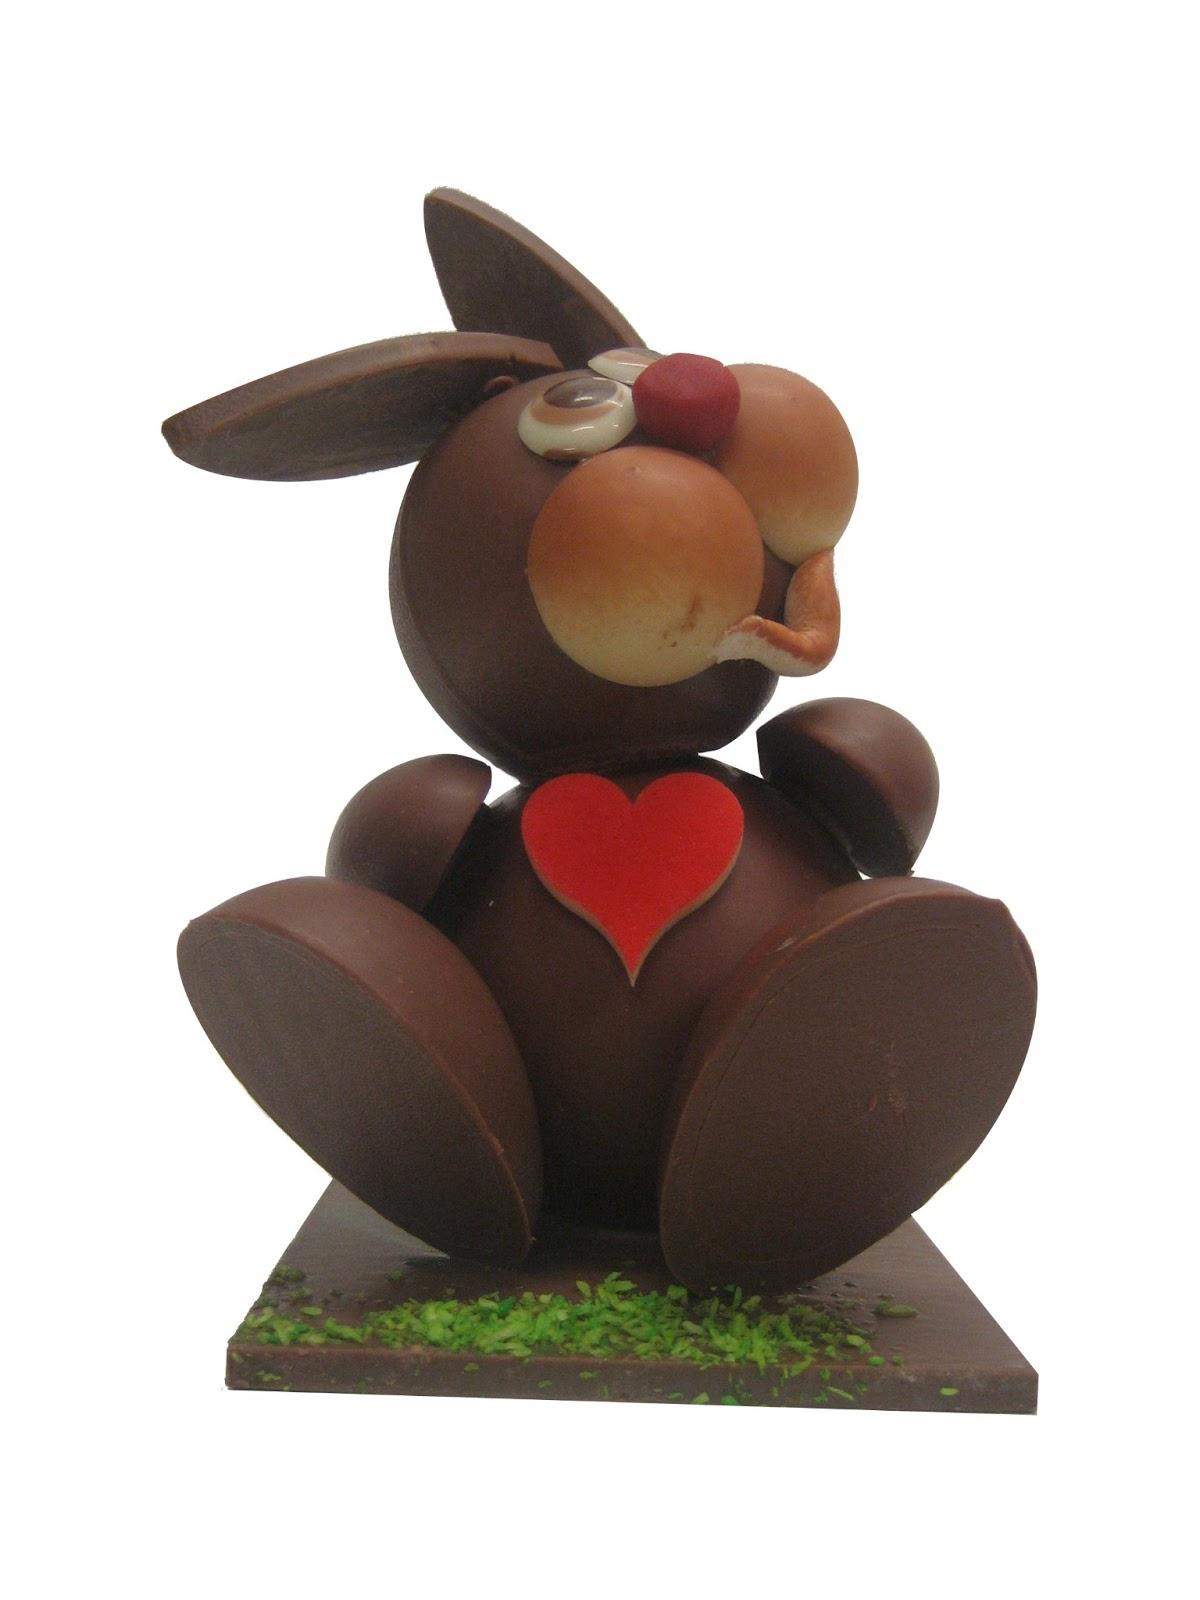 Le BLOG D'EPICURE: Deux grands pâtissiers et chocolatiers alsaciens pour fêter Pâques